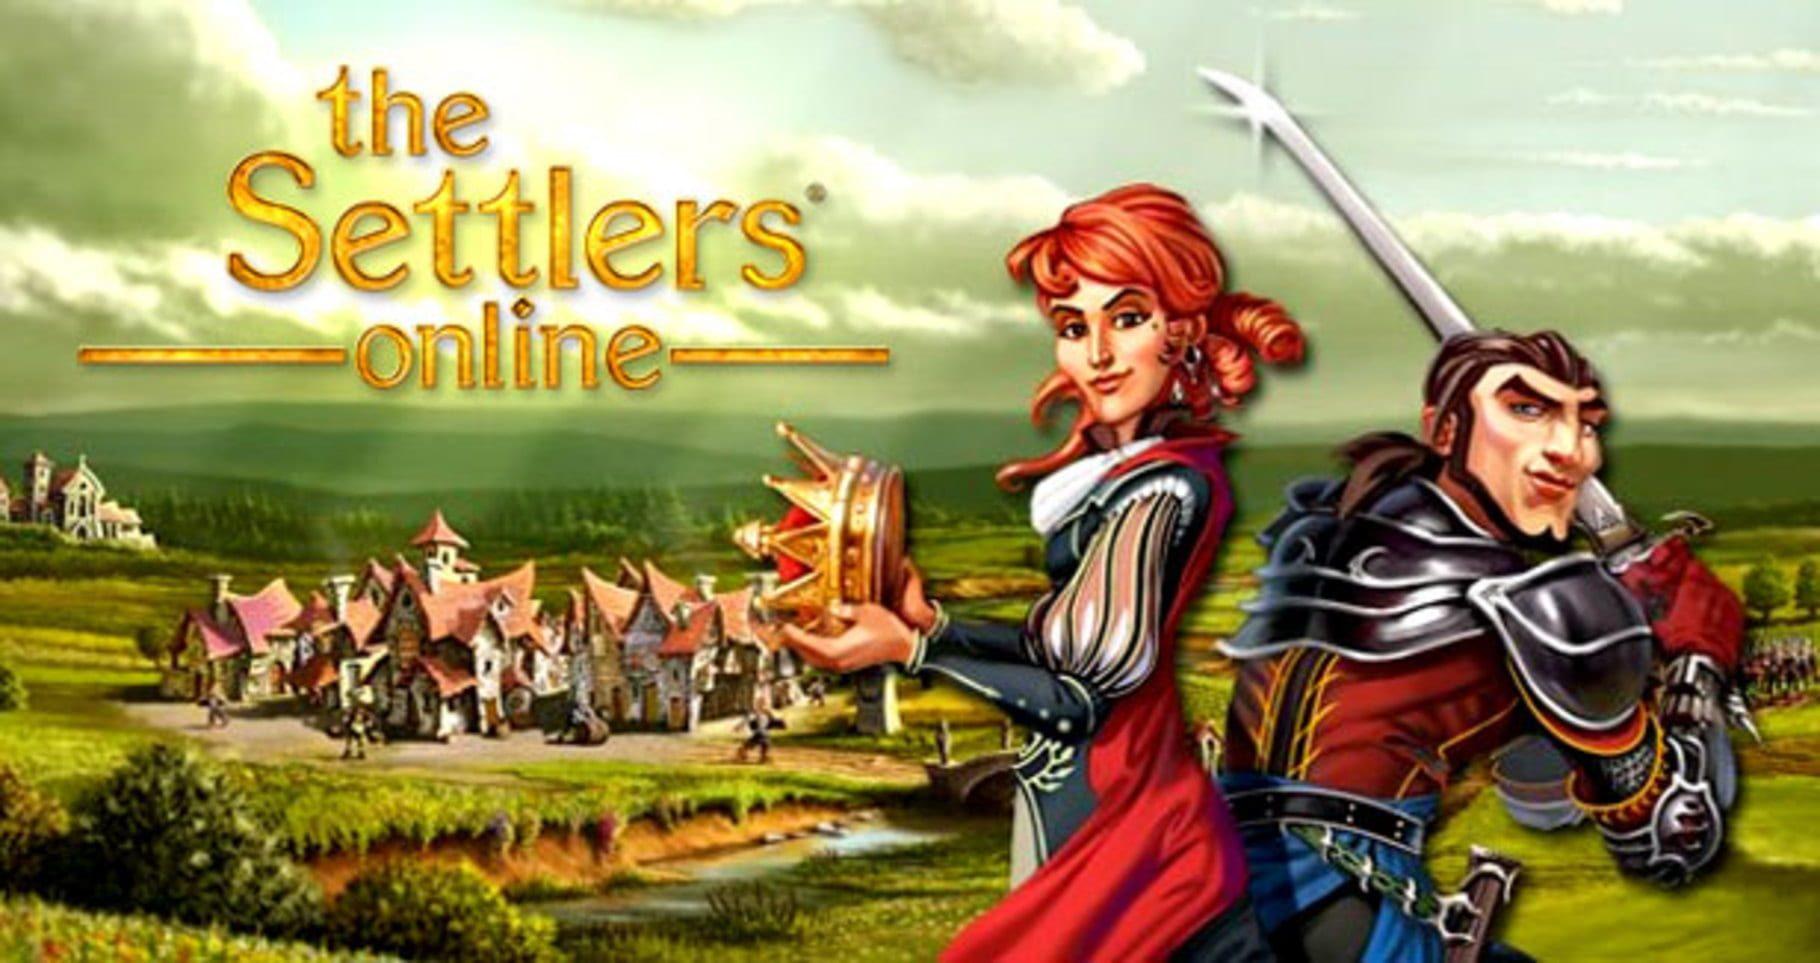 buy The Settlers Online cd key for psn platform